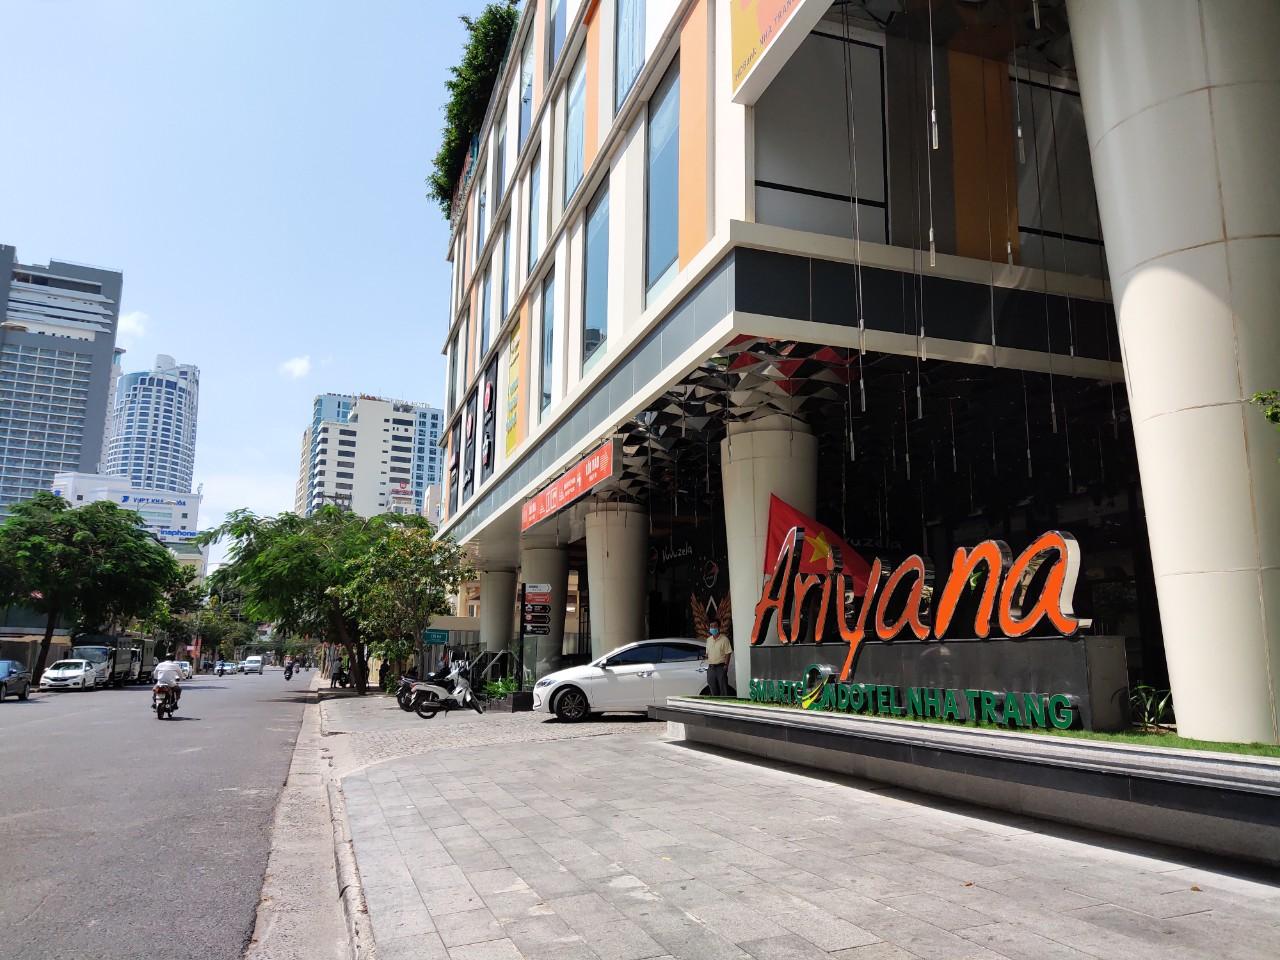 Dính sai phạm trong kết luận TTCP Ariyana SmartCondotel Nha Trang bị thu hồi đất ở không hình thành đơn vị ở - Ảnh 1.